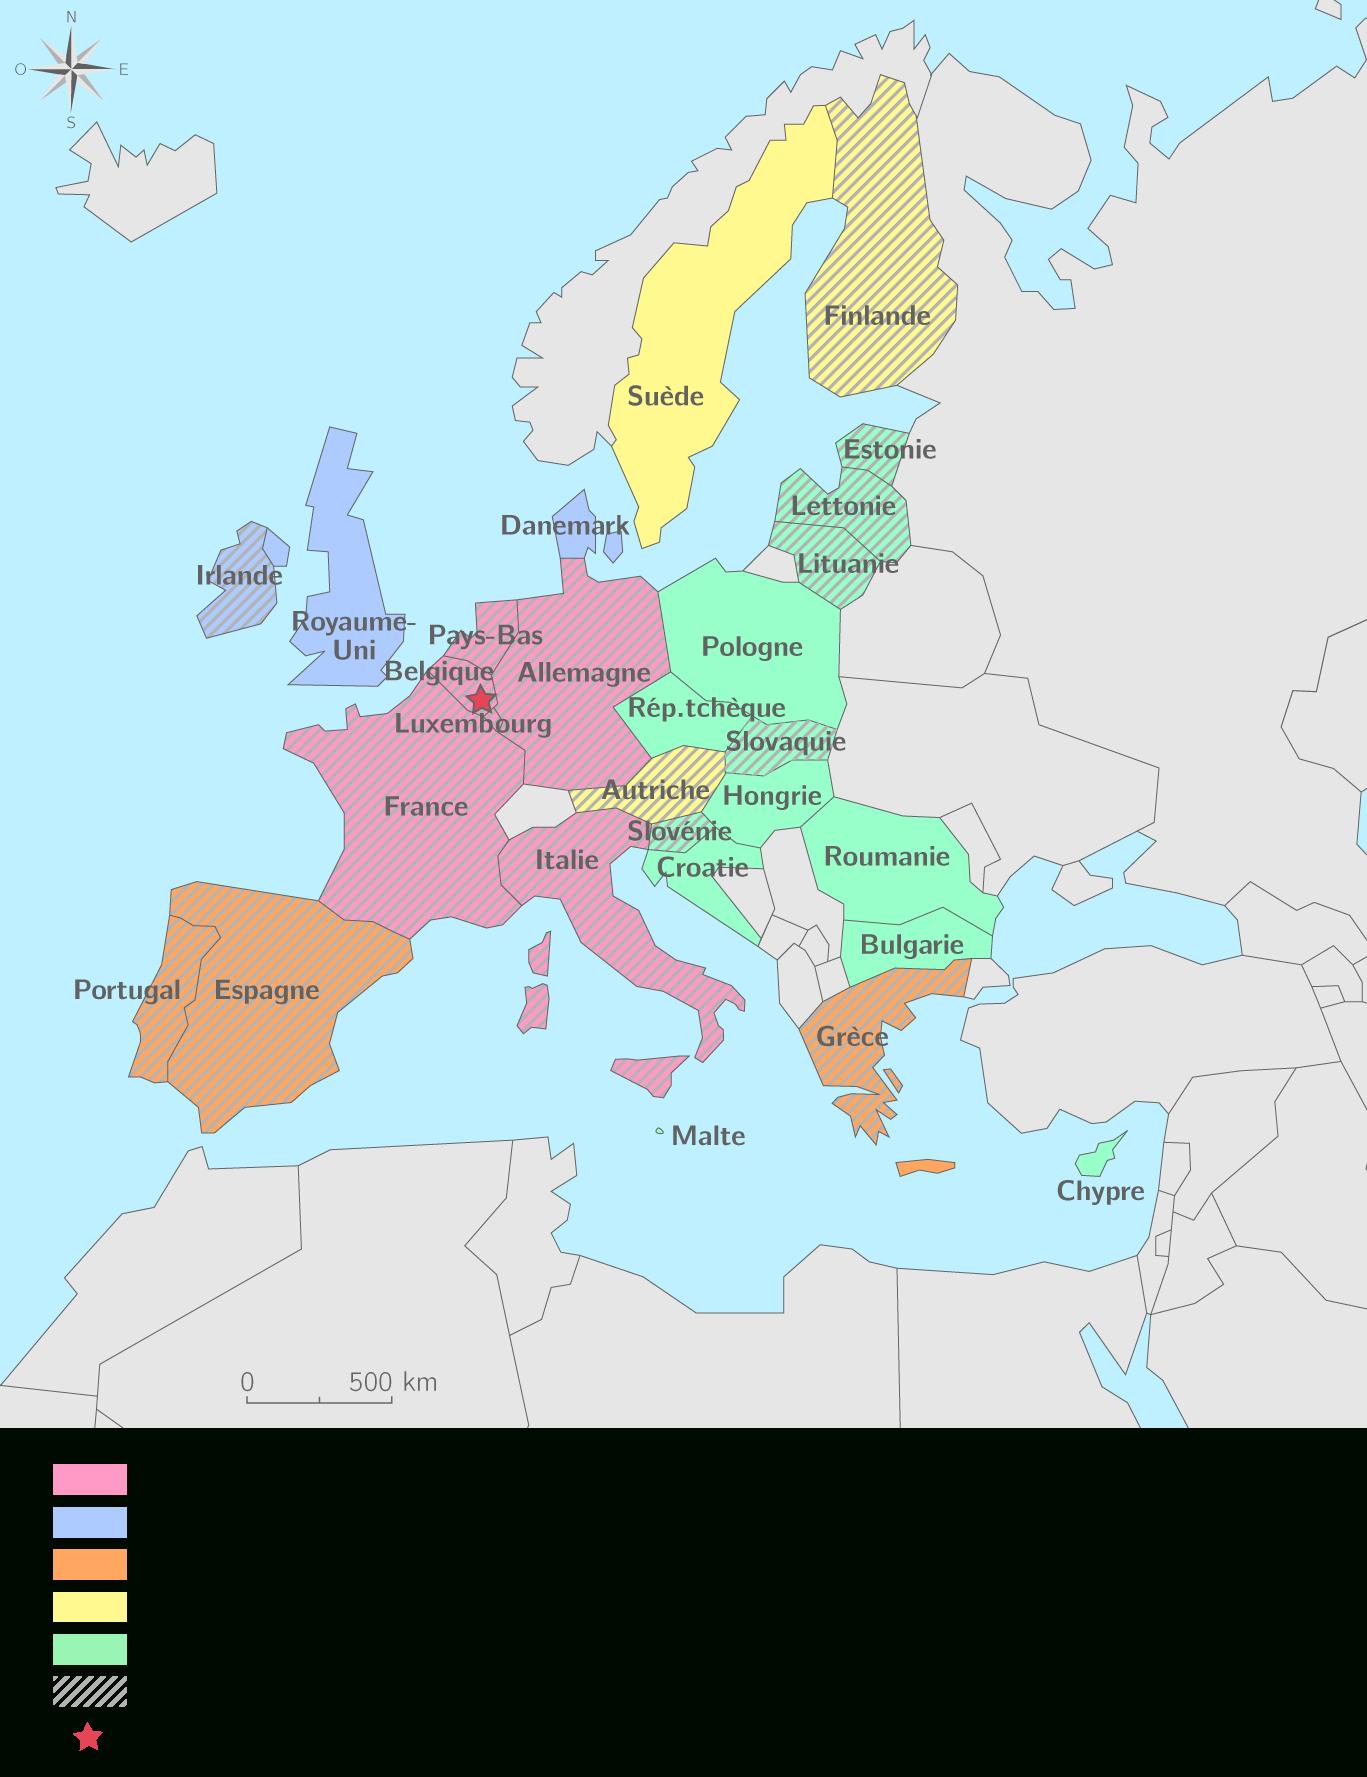 Compléter La Carte De L'union Européenne - 3E - Exercice encequiconcerne Carte De L Union Europeenne